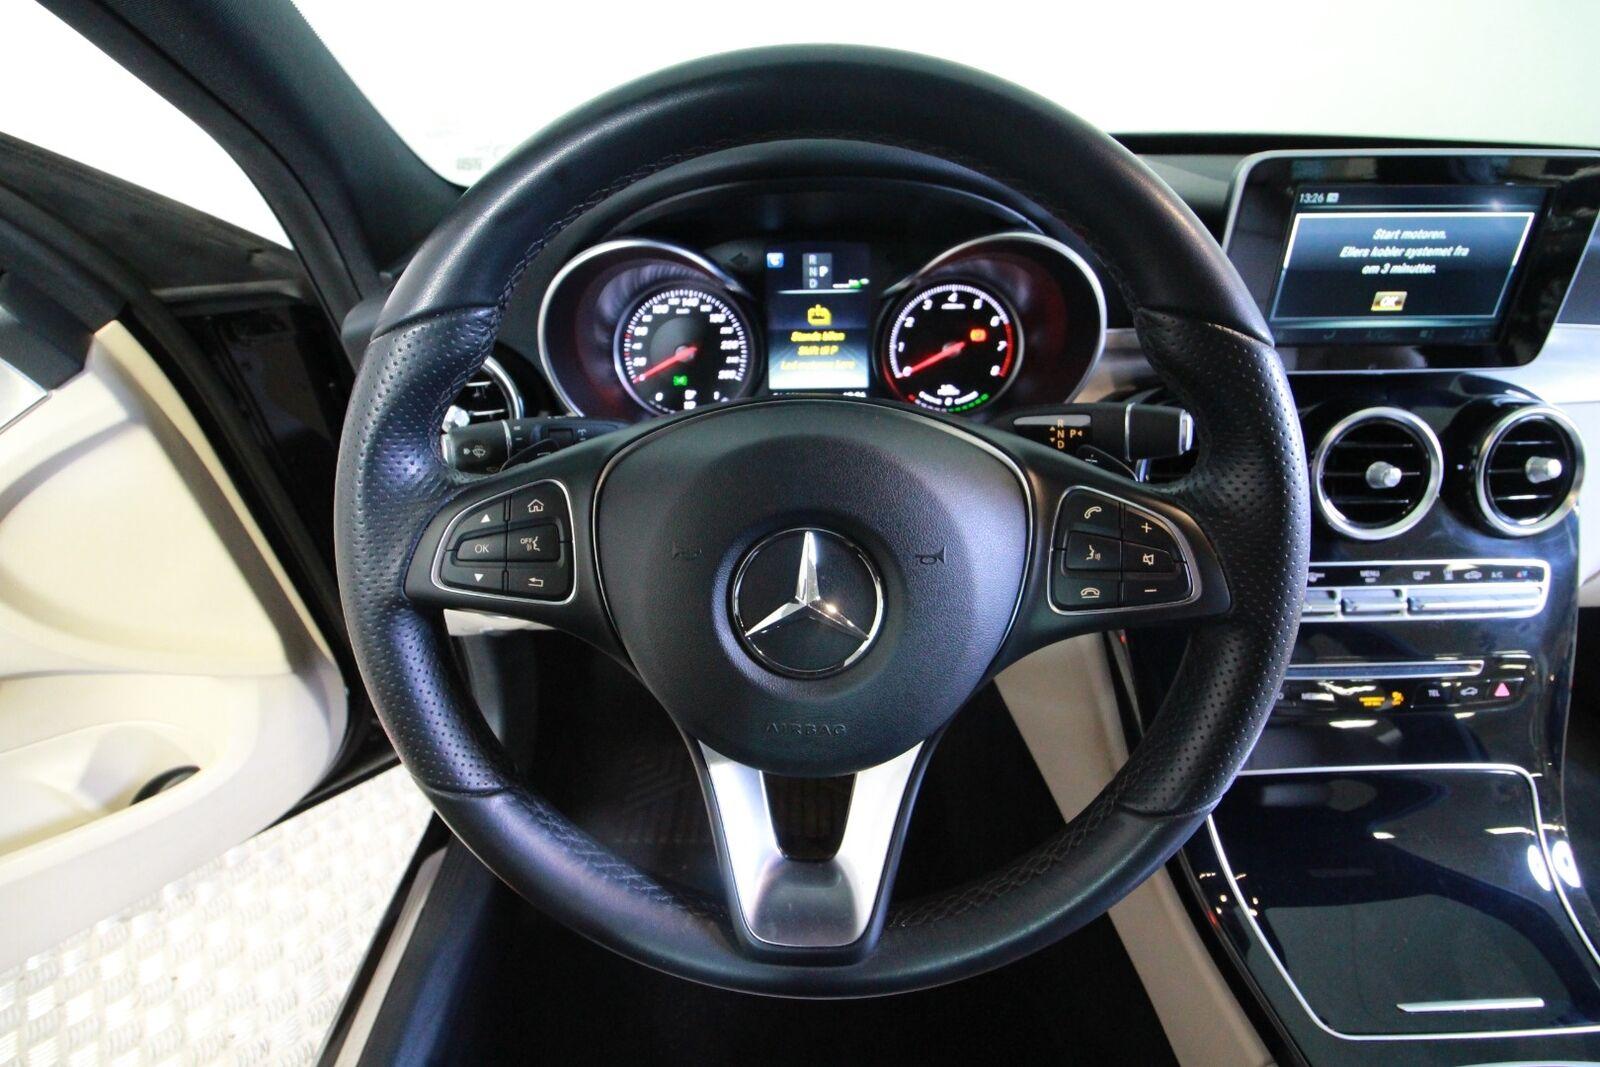 Mercedes C350 e Avantgarde stc. aut.